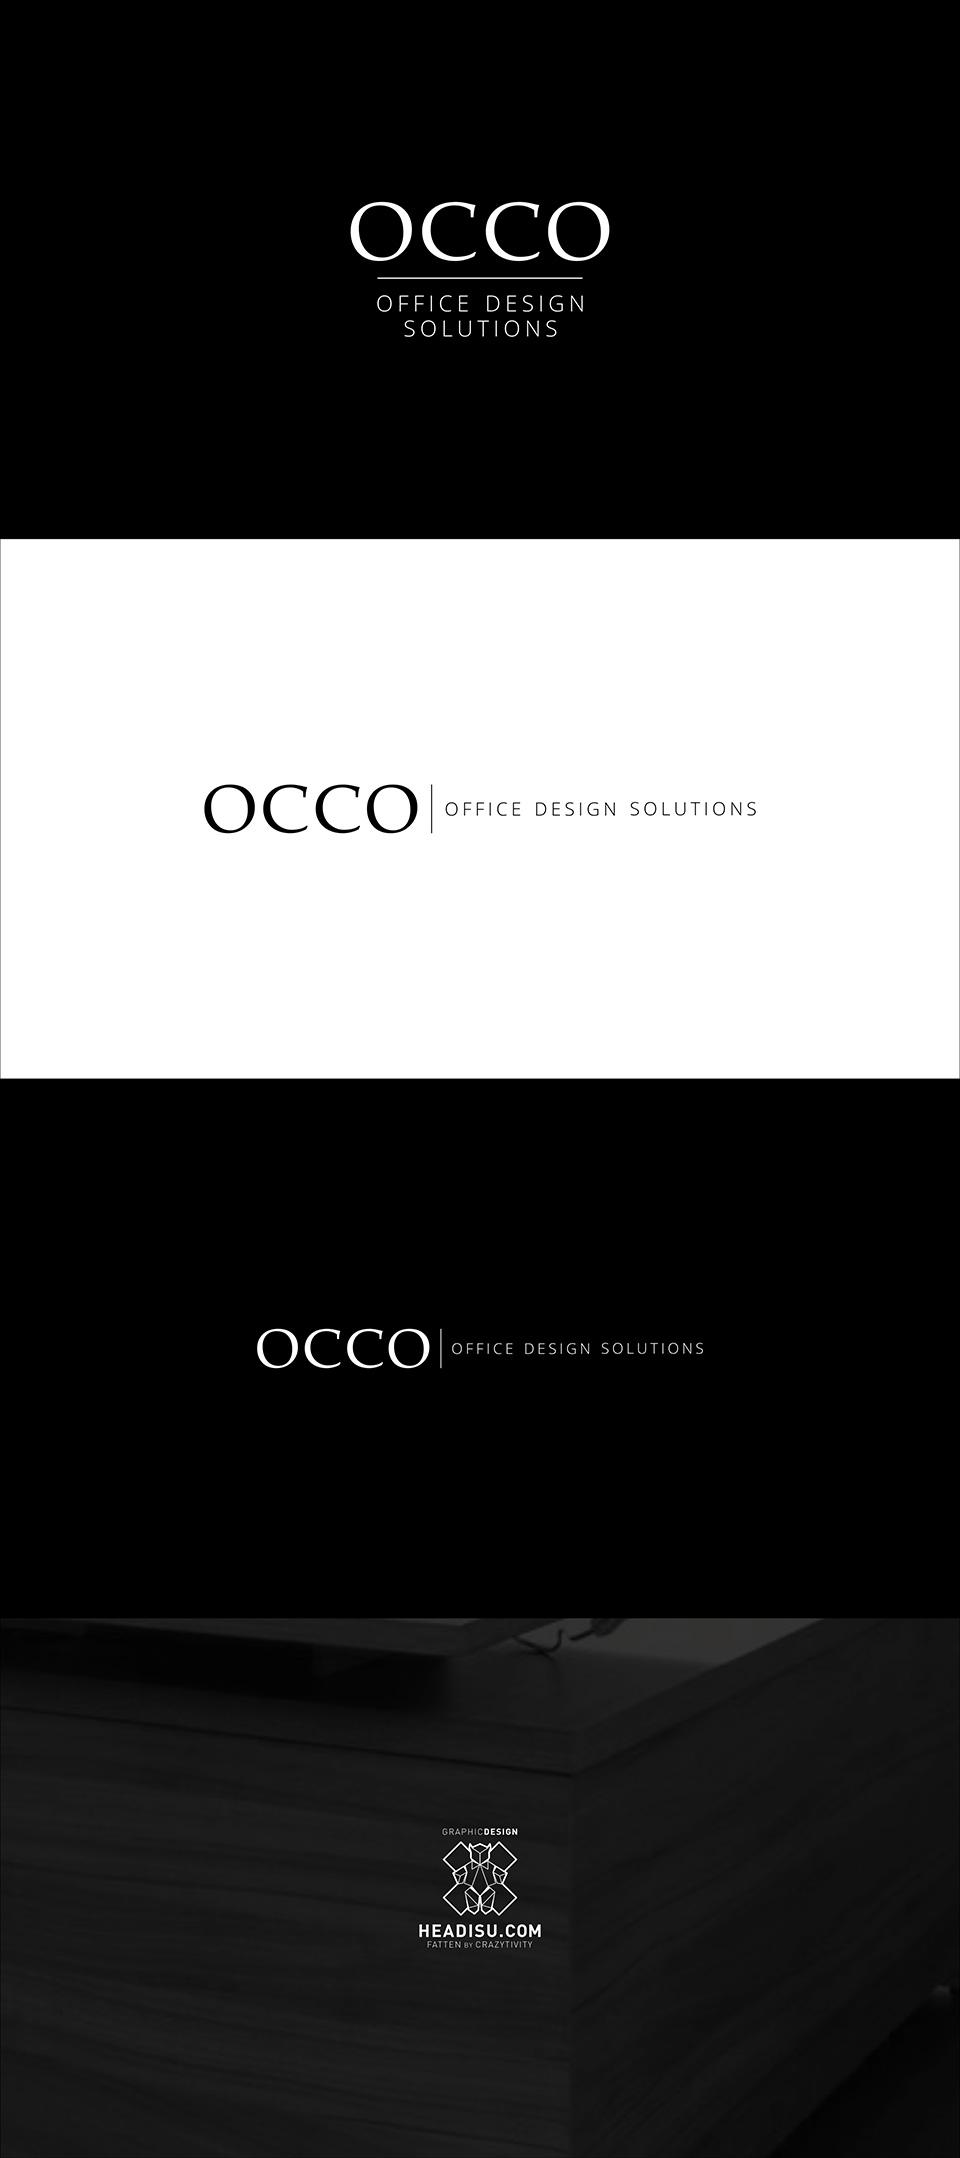 occo-logo-2